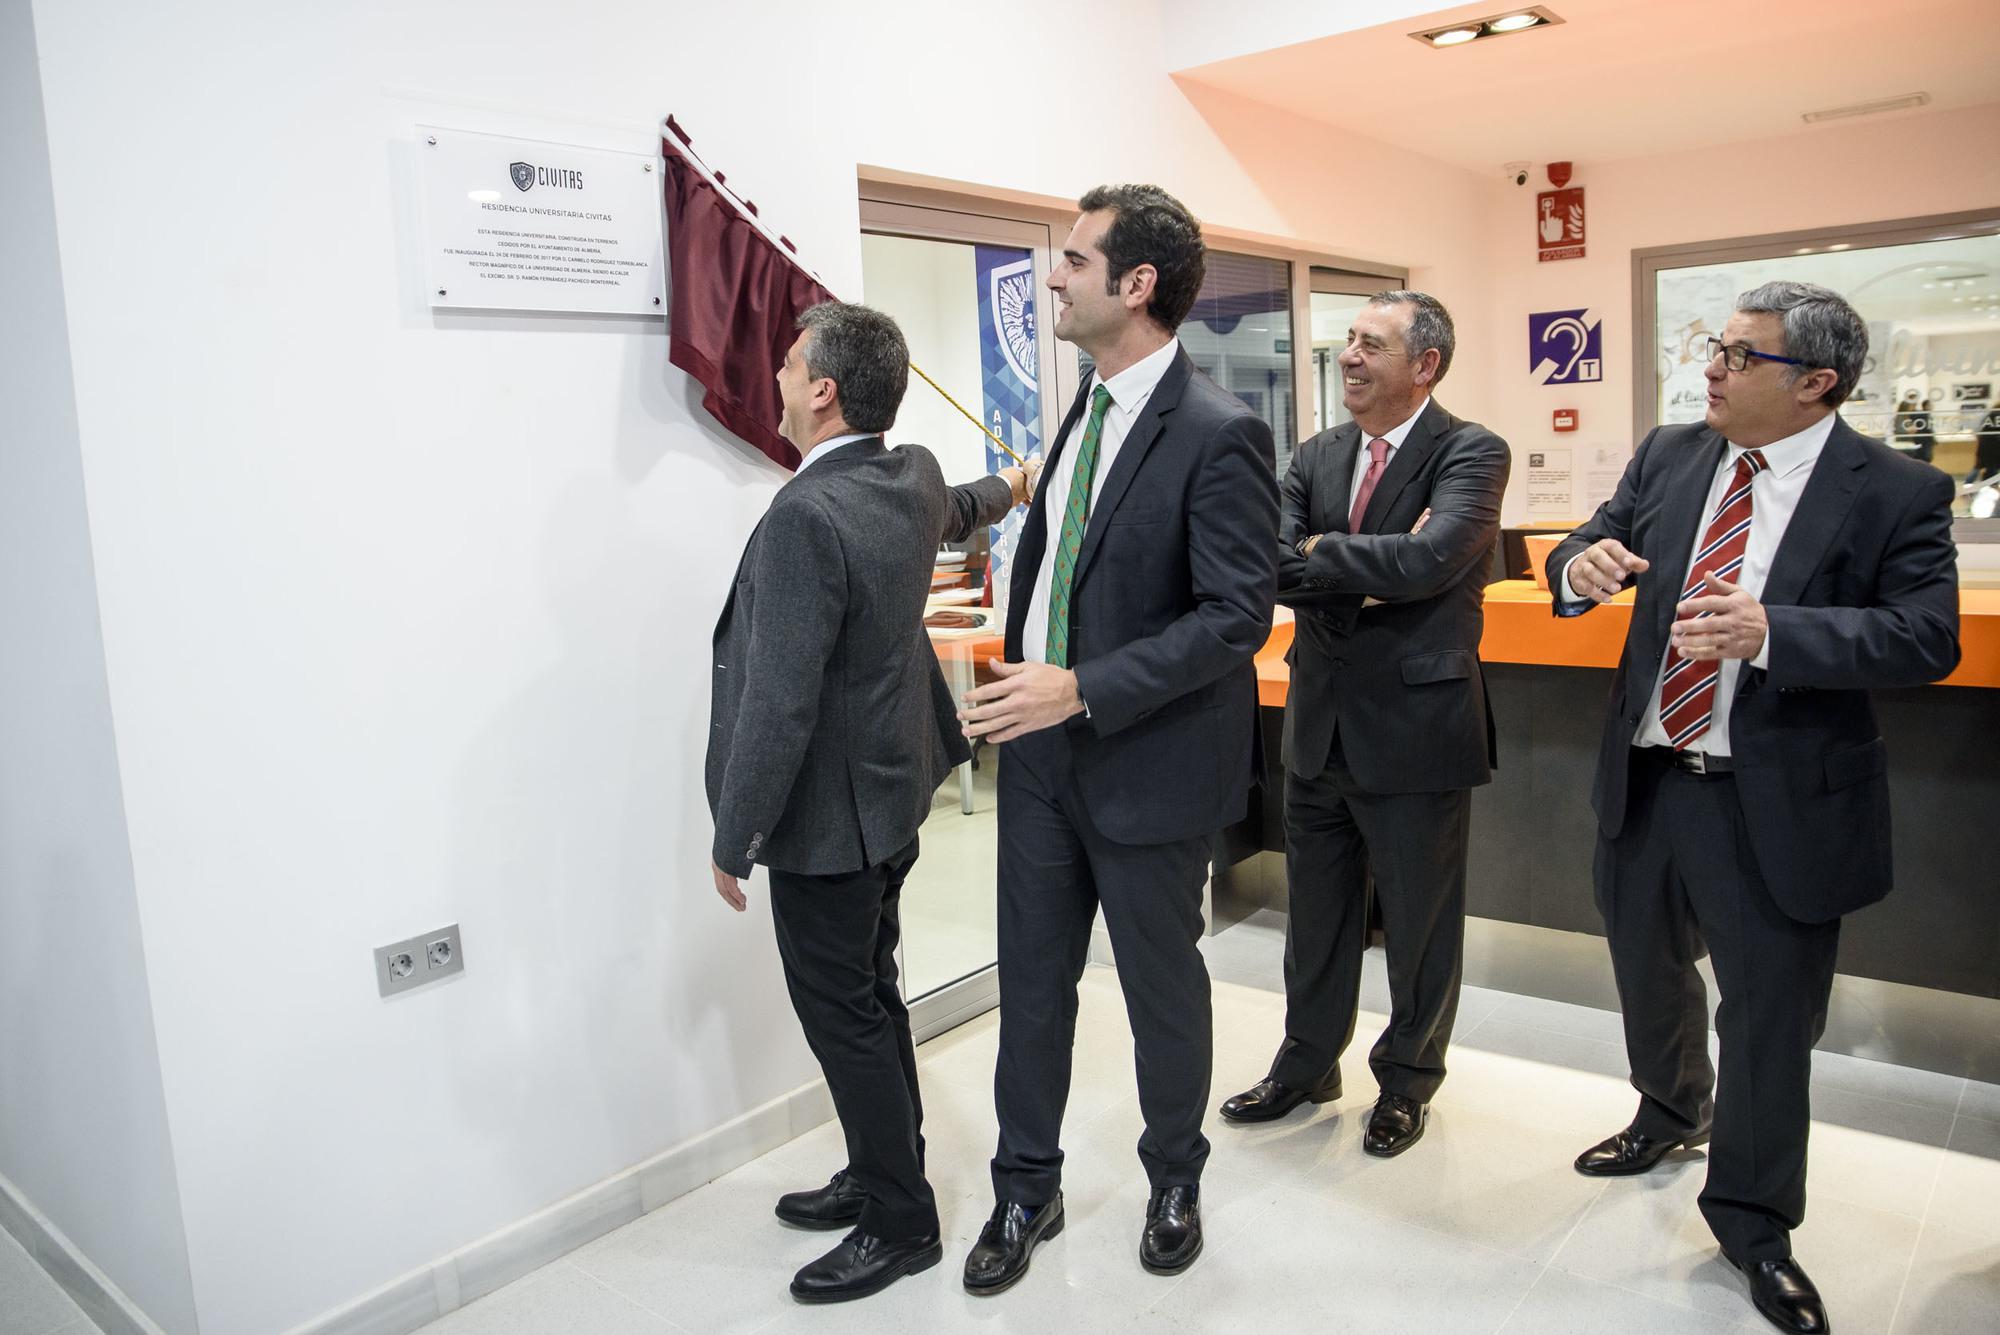 El alcalde inaugura la nueva residencia de estudiantes construida ...